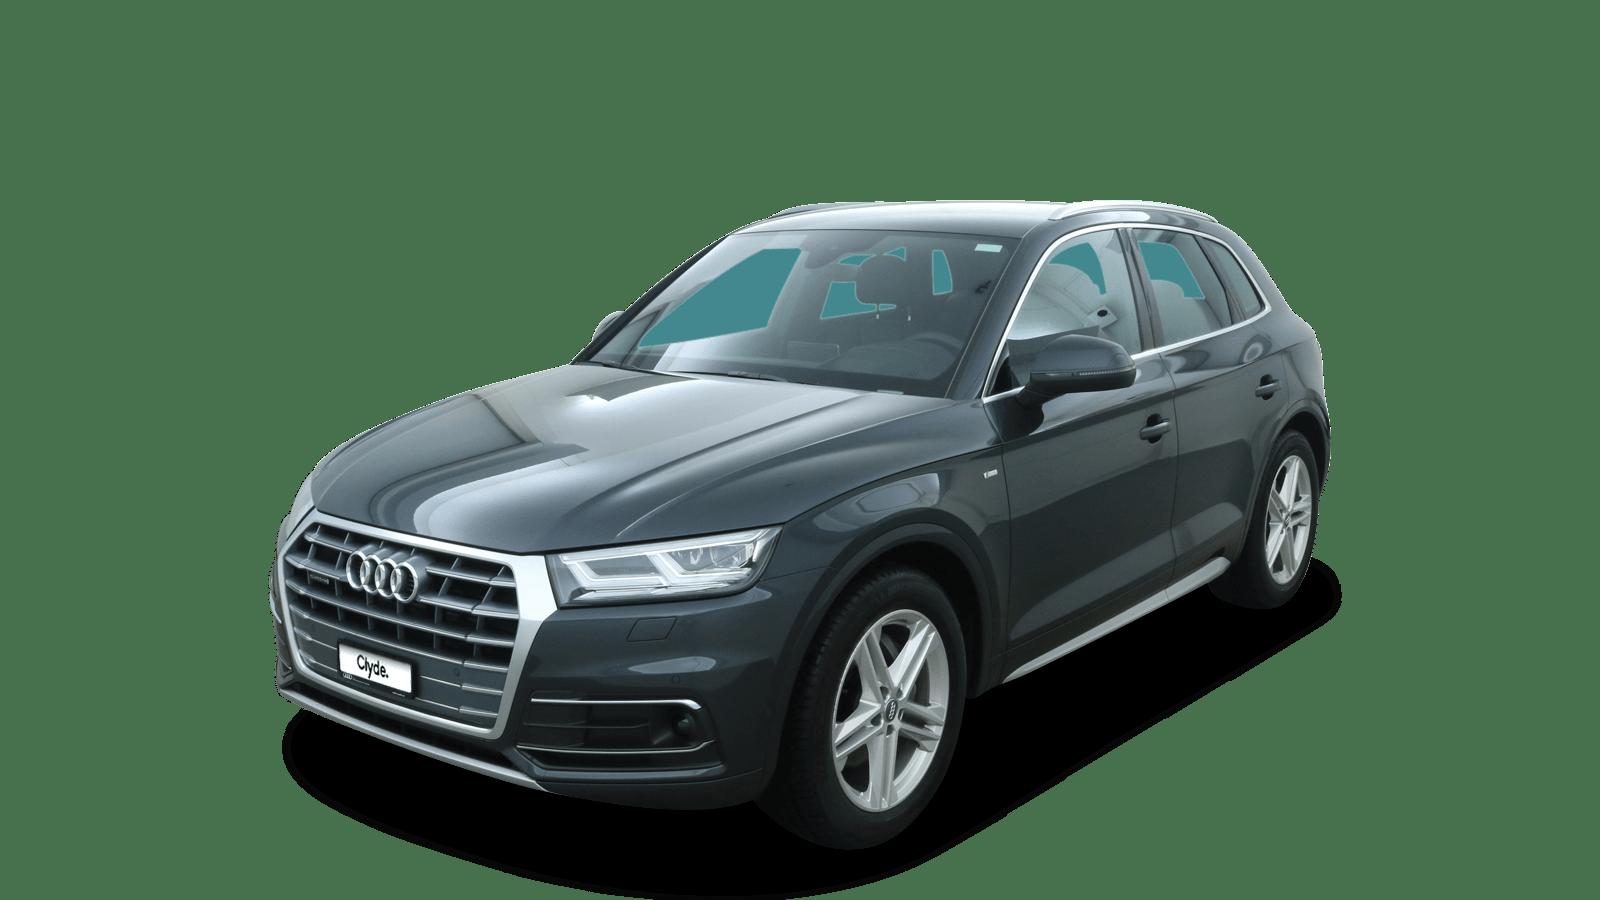 Audi Q5 Grau front - Clyde Auto-Abo